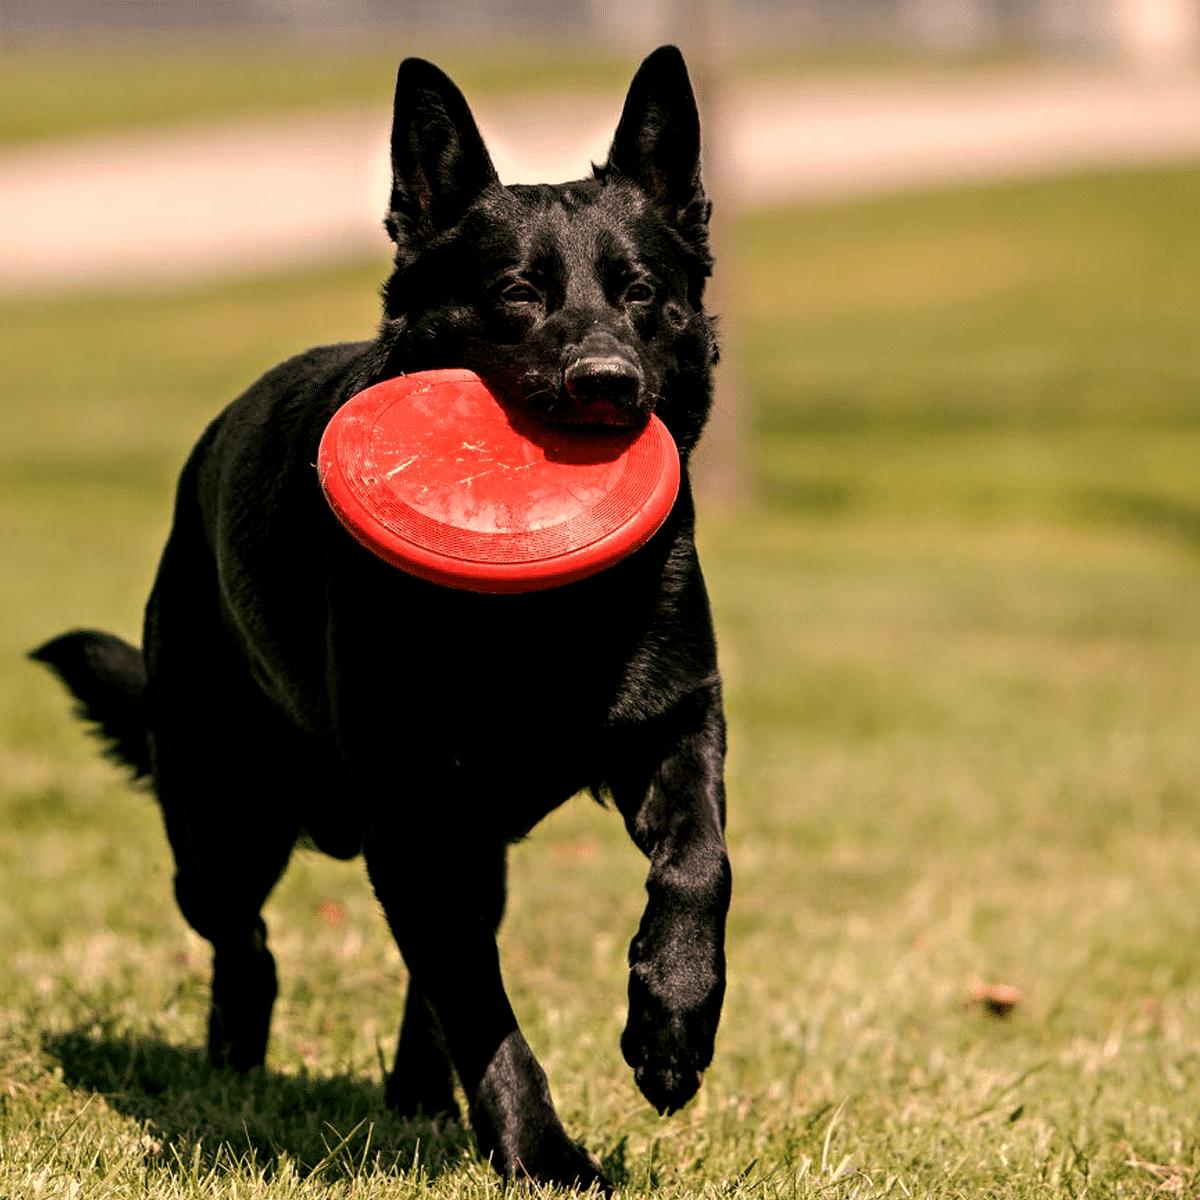 En hållbar frisbee till hunden från välkända KONG